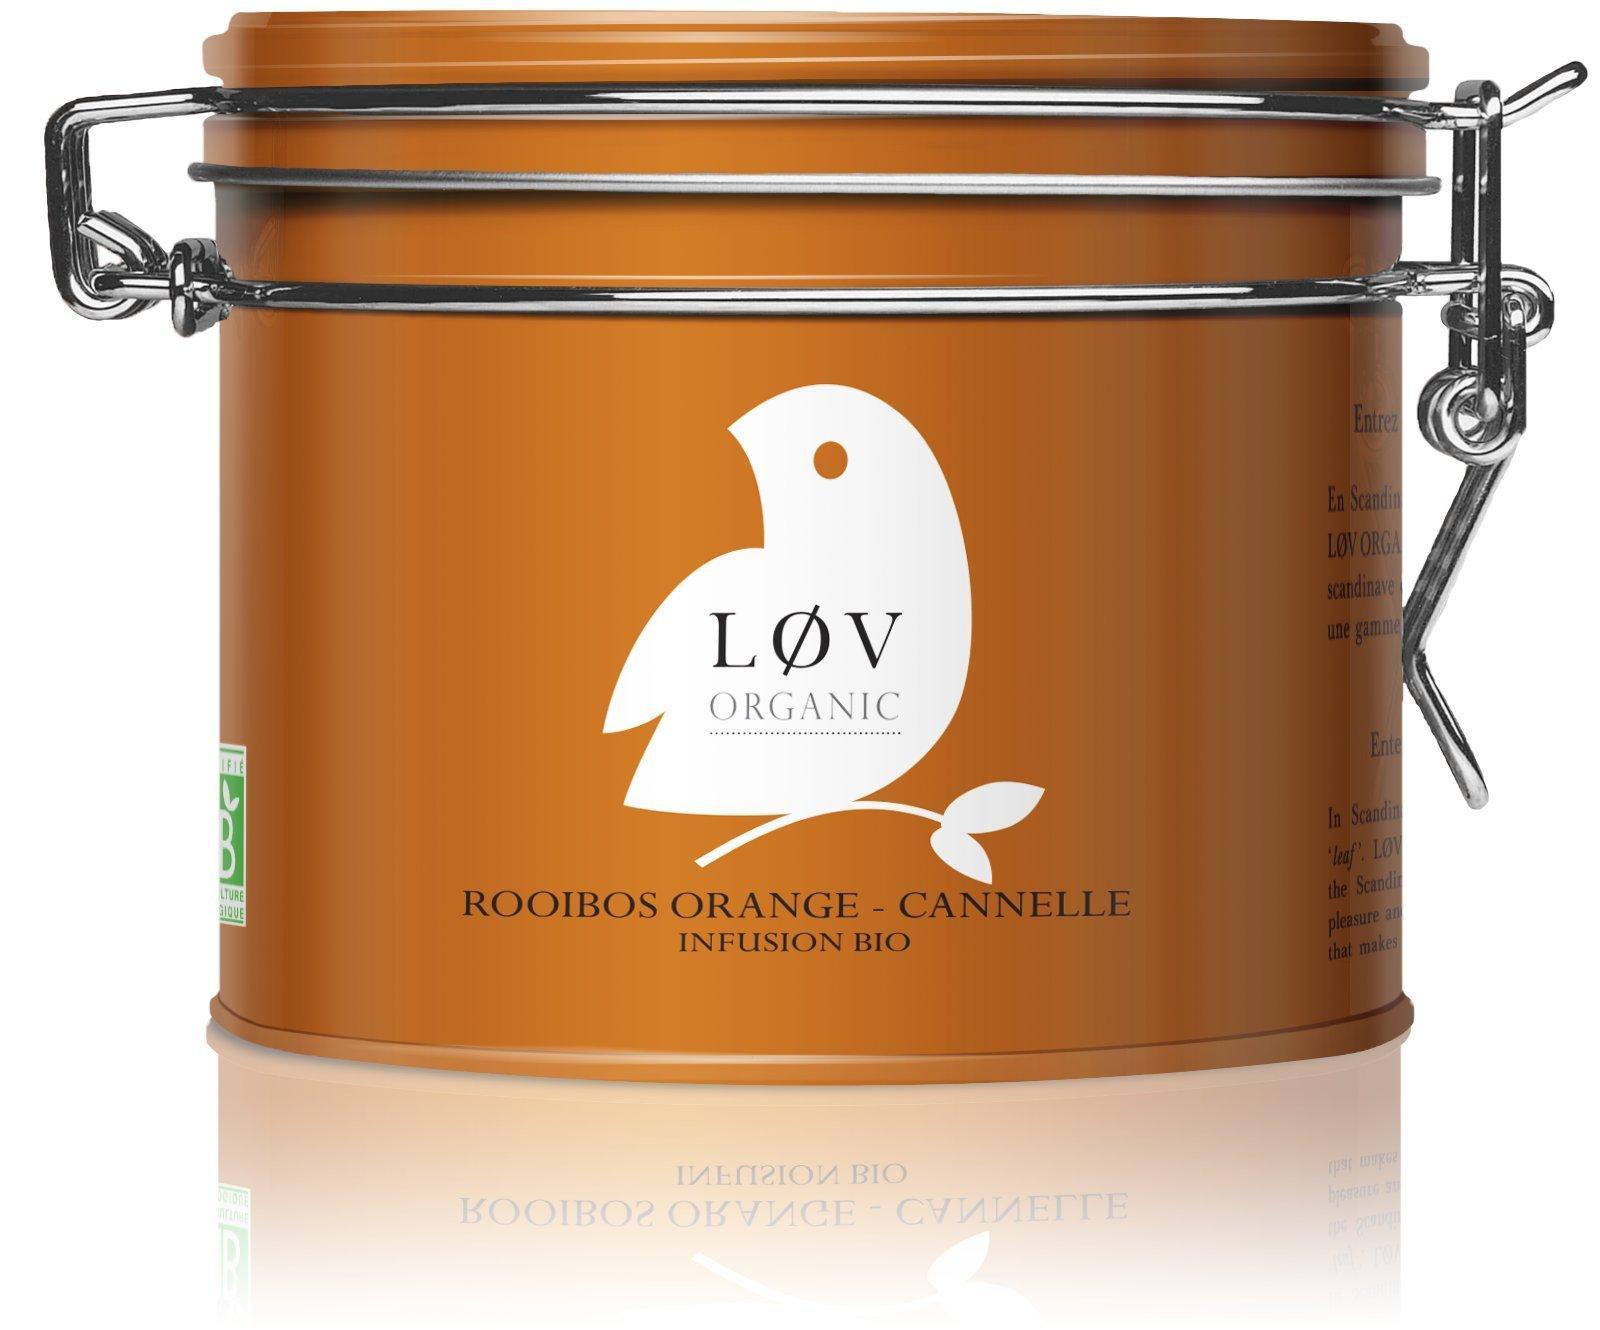 Løv Organic Orange Cinnamon Rooibos Tea - Organic Caffeine-Free Infused Tea - Perfect for Tea Lovers (3.5oz Loose Tea Tin - 40 Servings)